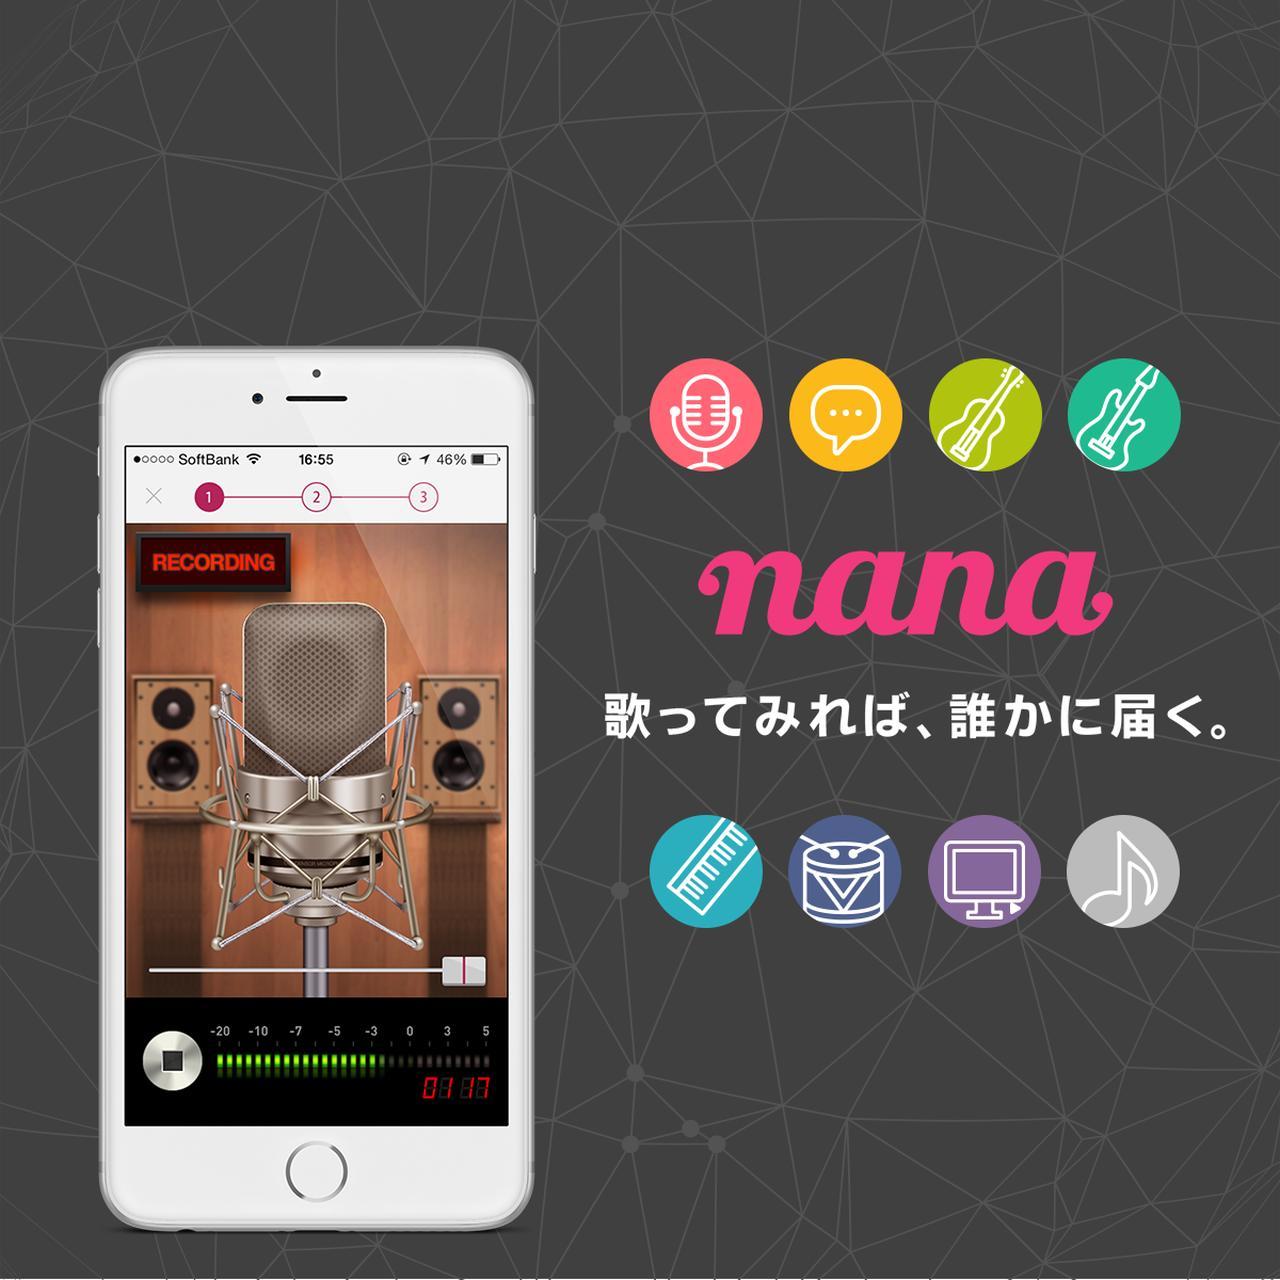 画像: nana